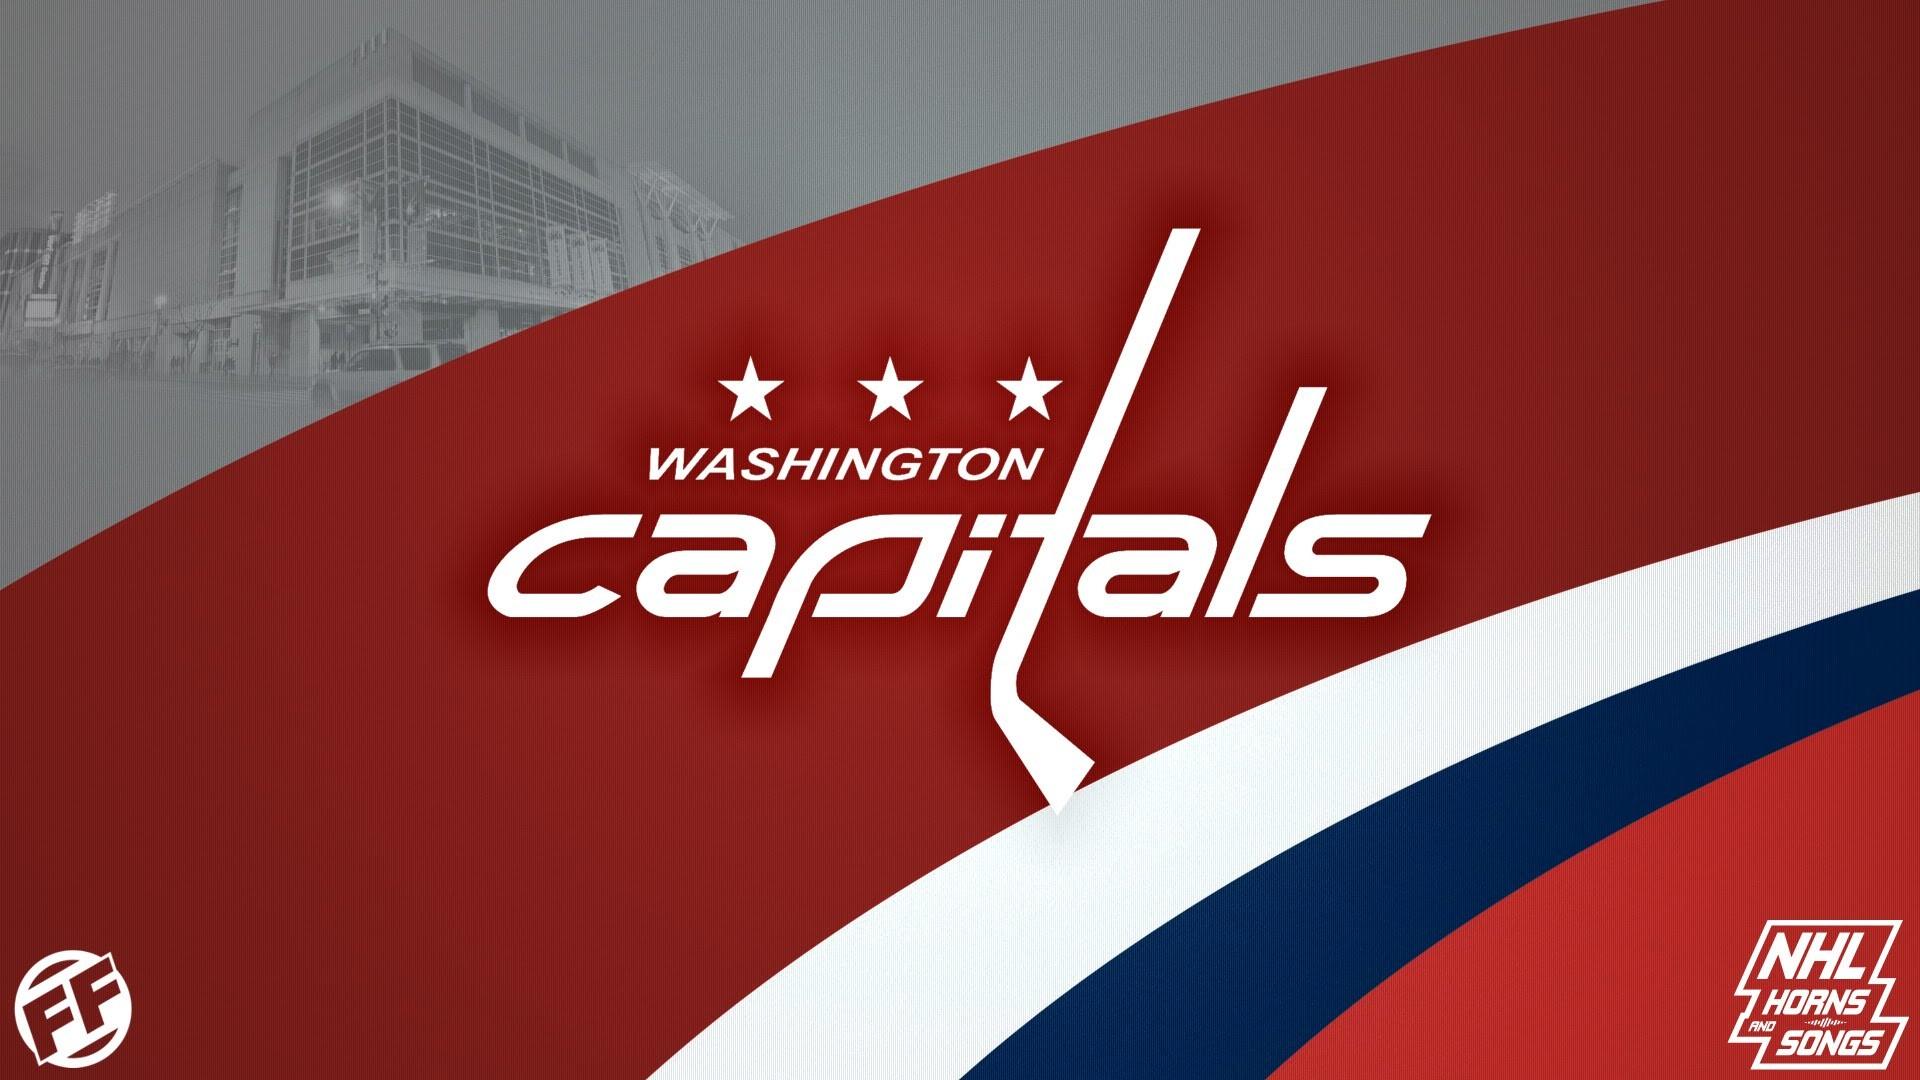 Washington capitals wallpaper Gallery (70 Plus) – juegosrev.com –  juegosrev.com